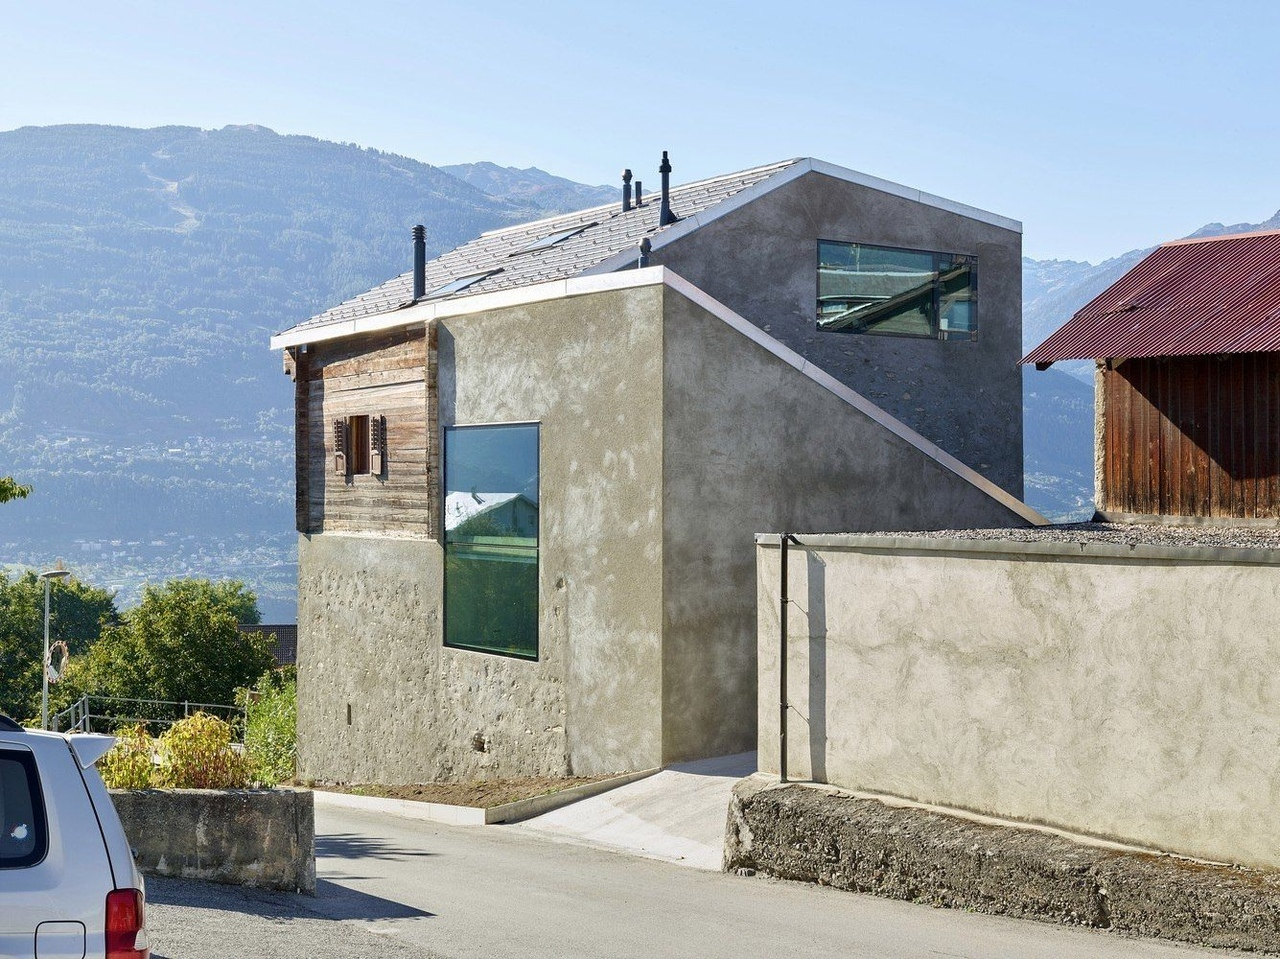 ReynardRossi-Udry House by Savioz Fabrizzi Architectes in Ormône, 1965, Switzerland